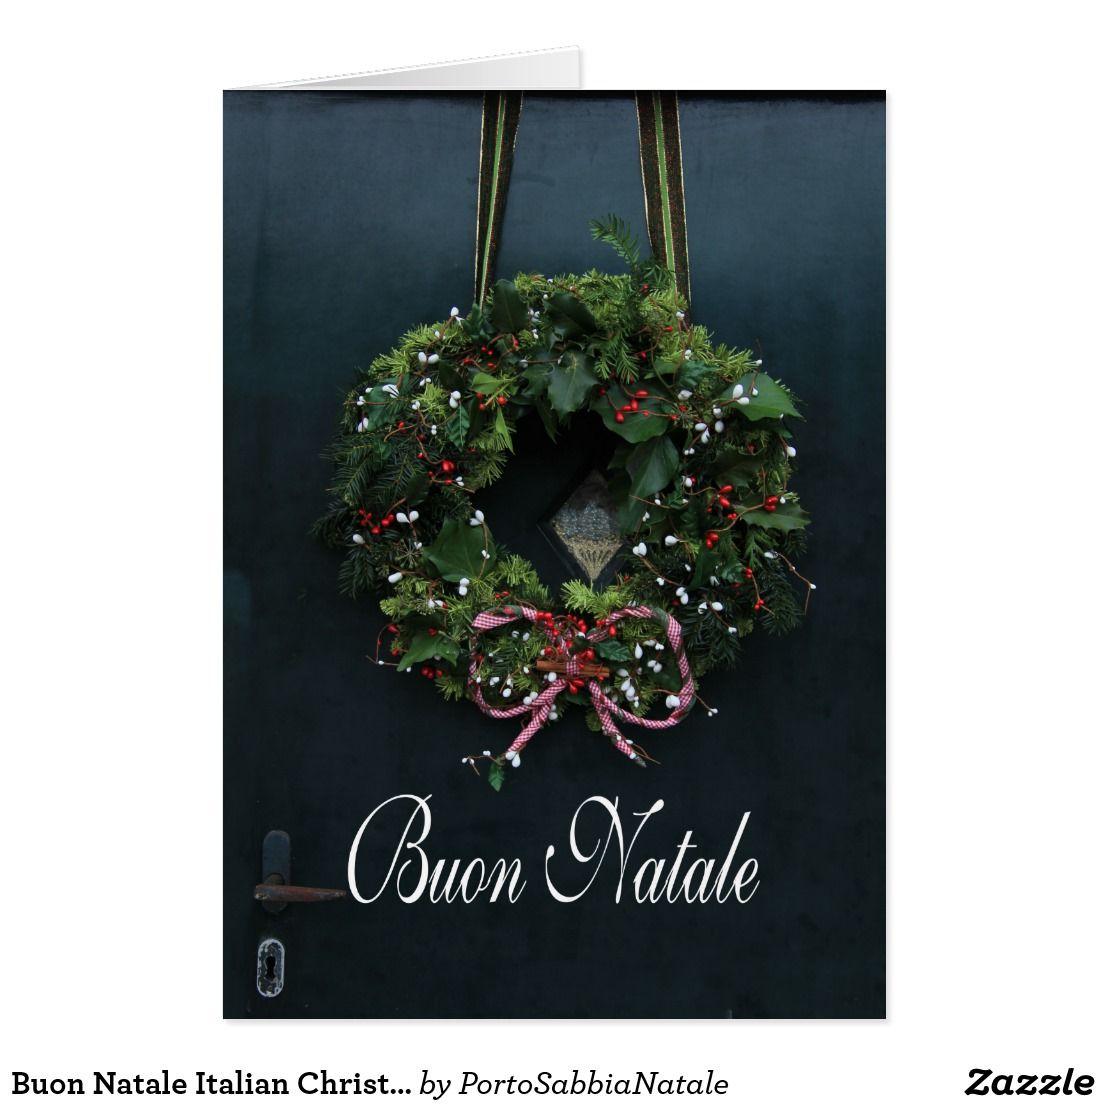 Buon Natale Italian Christmas Card Christmas Cards